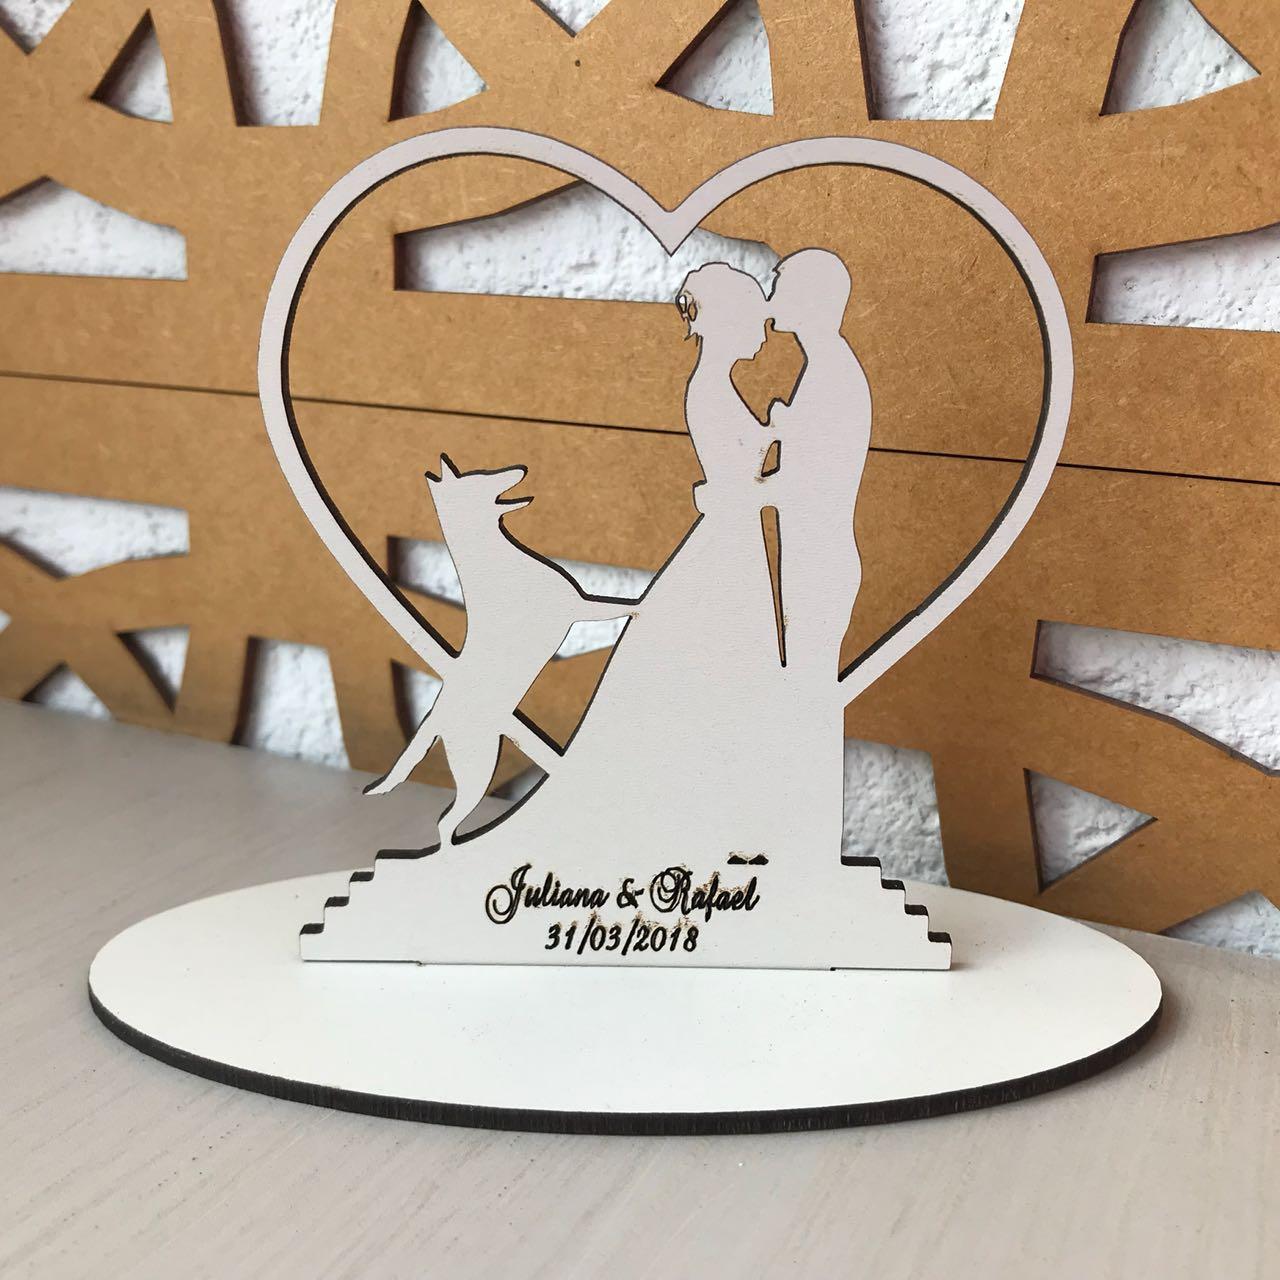 Ref. 007 - Kit Lembrancinhas de Casamento Personalizadas MDF Branco Coração Noivos  Cachorro